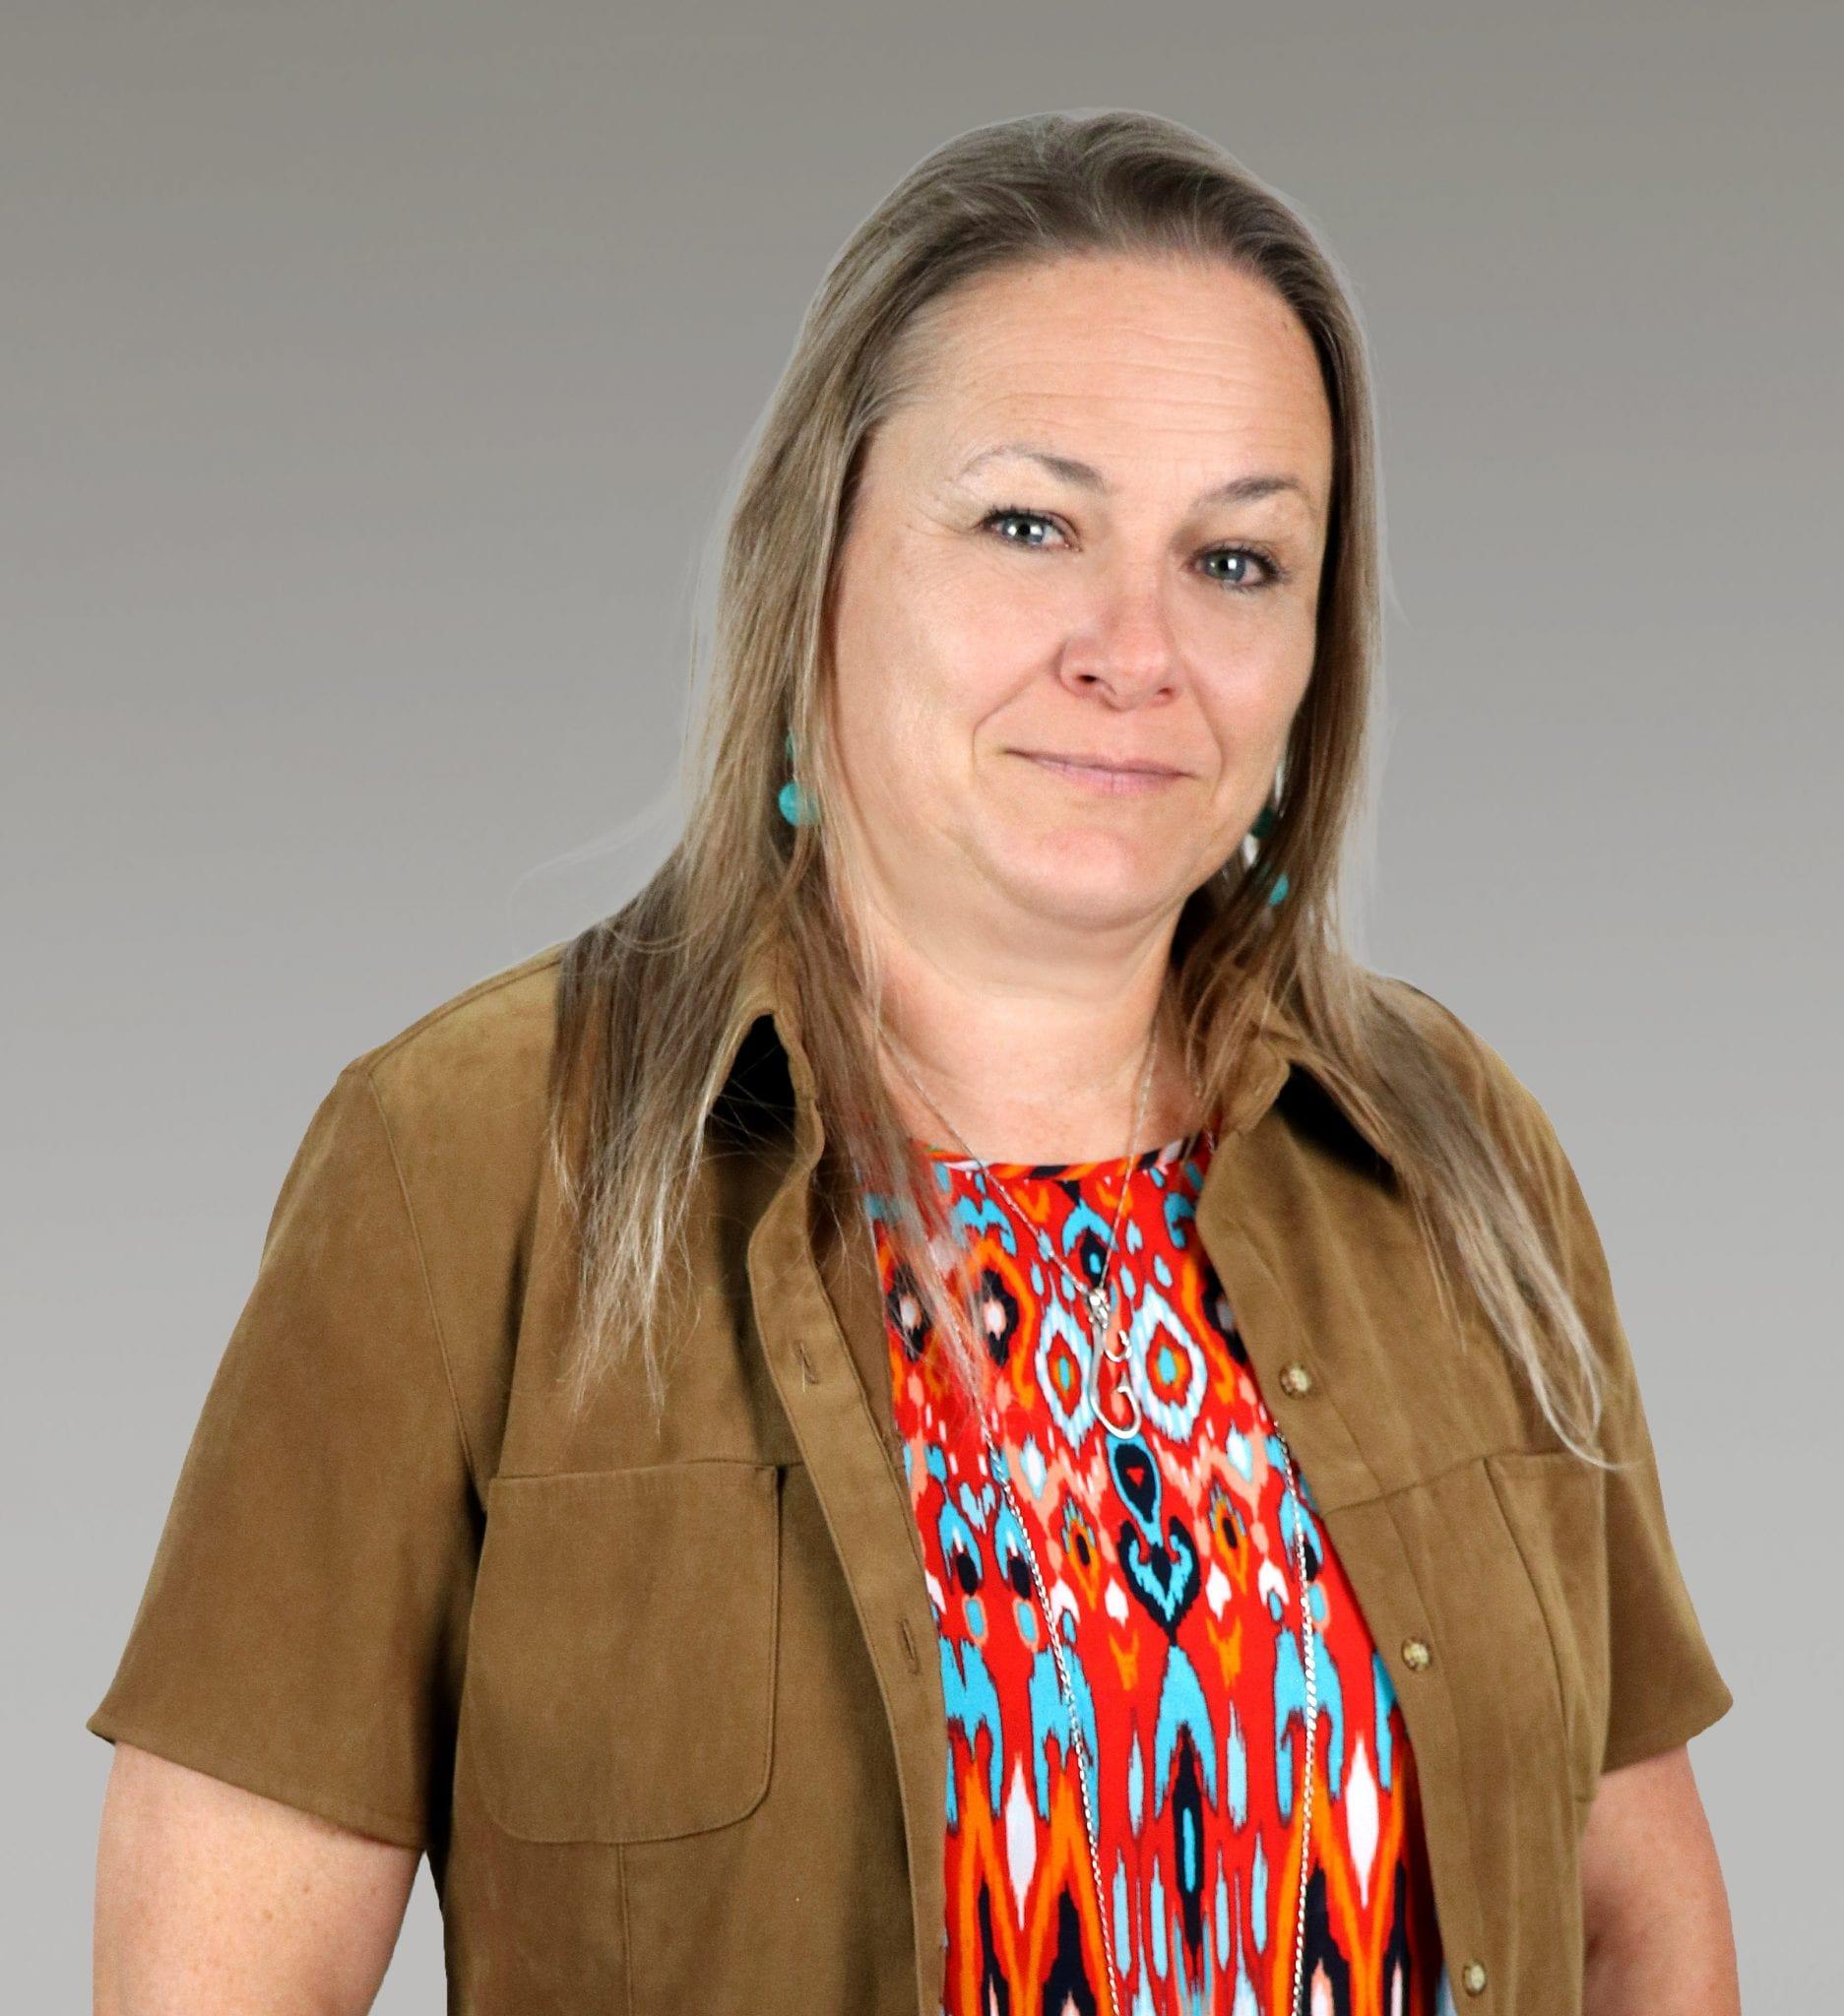 Michelle Vollmar